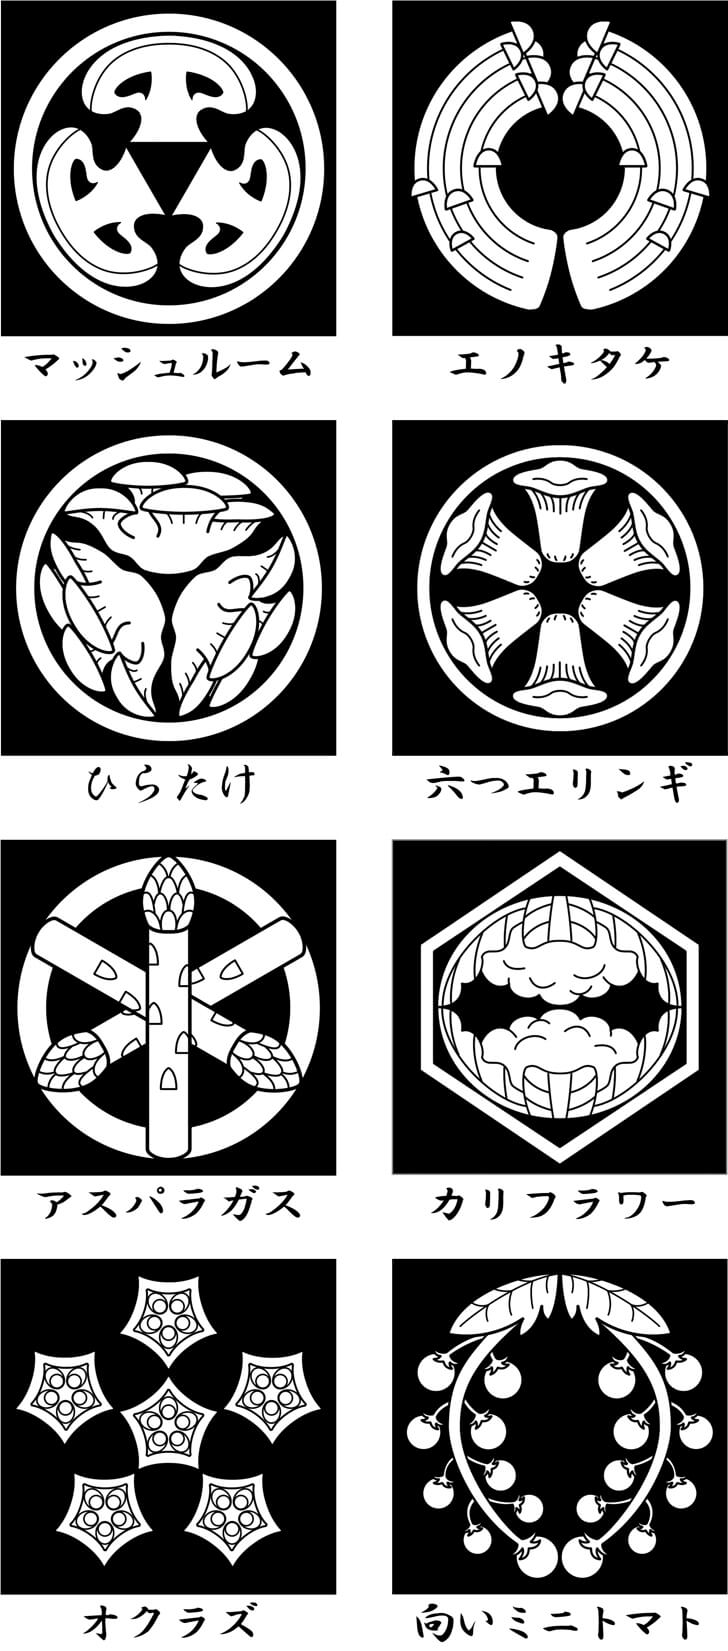 キノコや野菜モチーフのオリジナル家紋